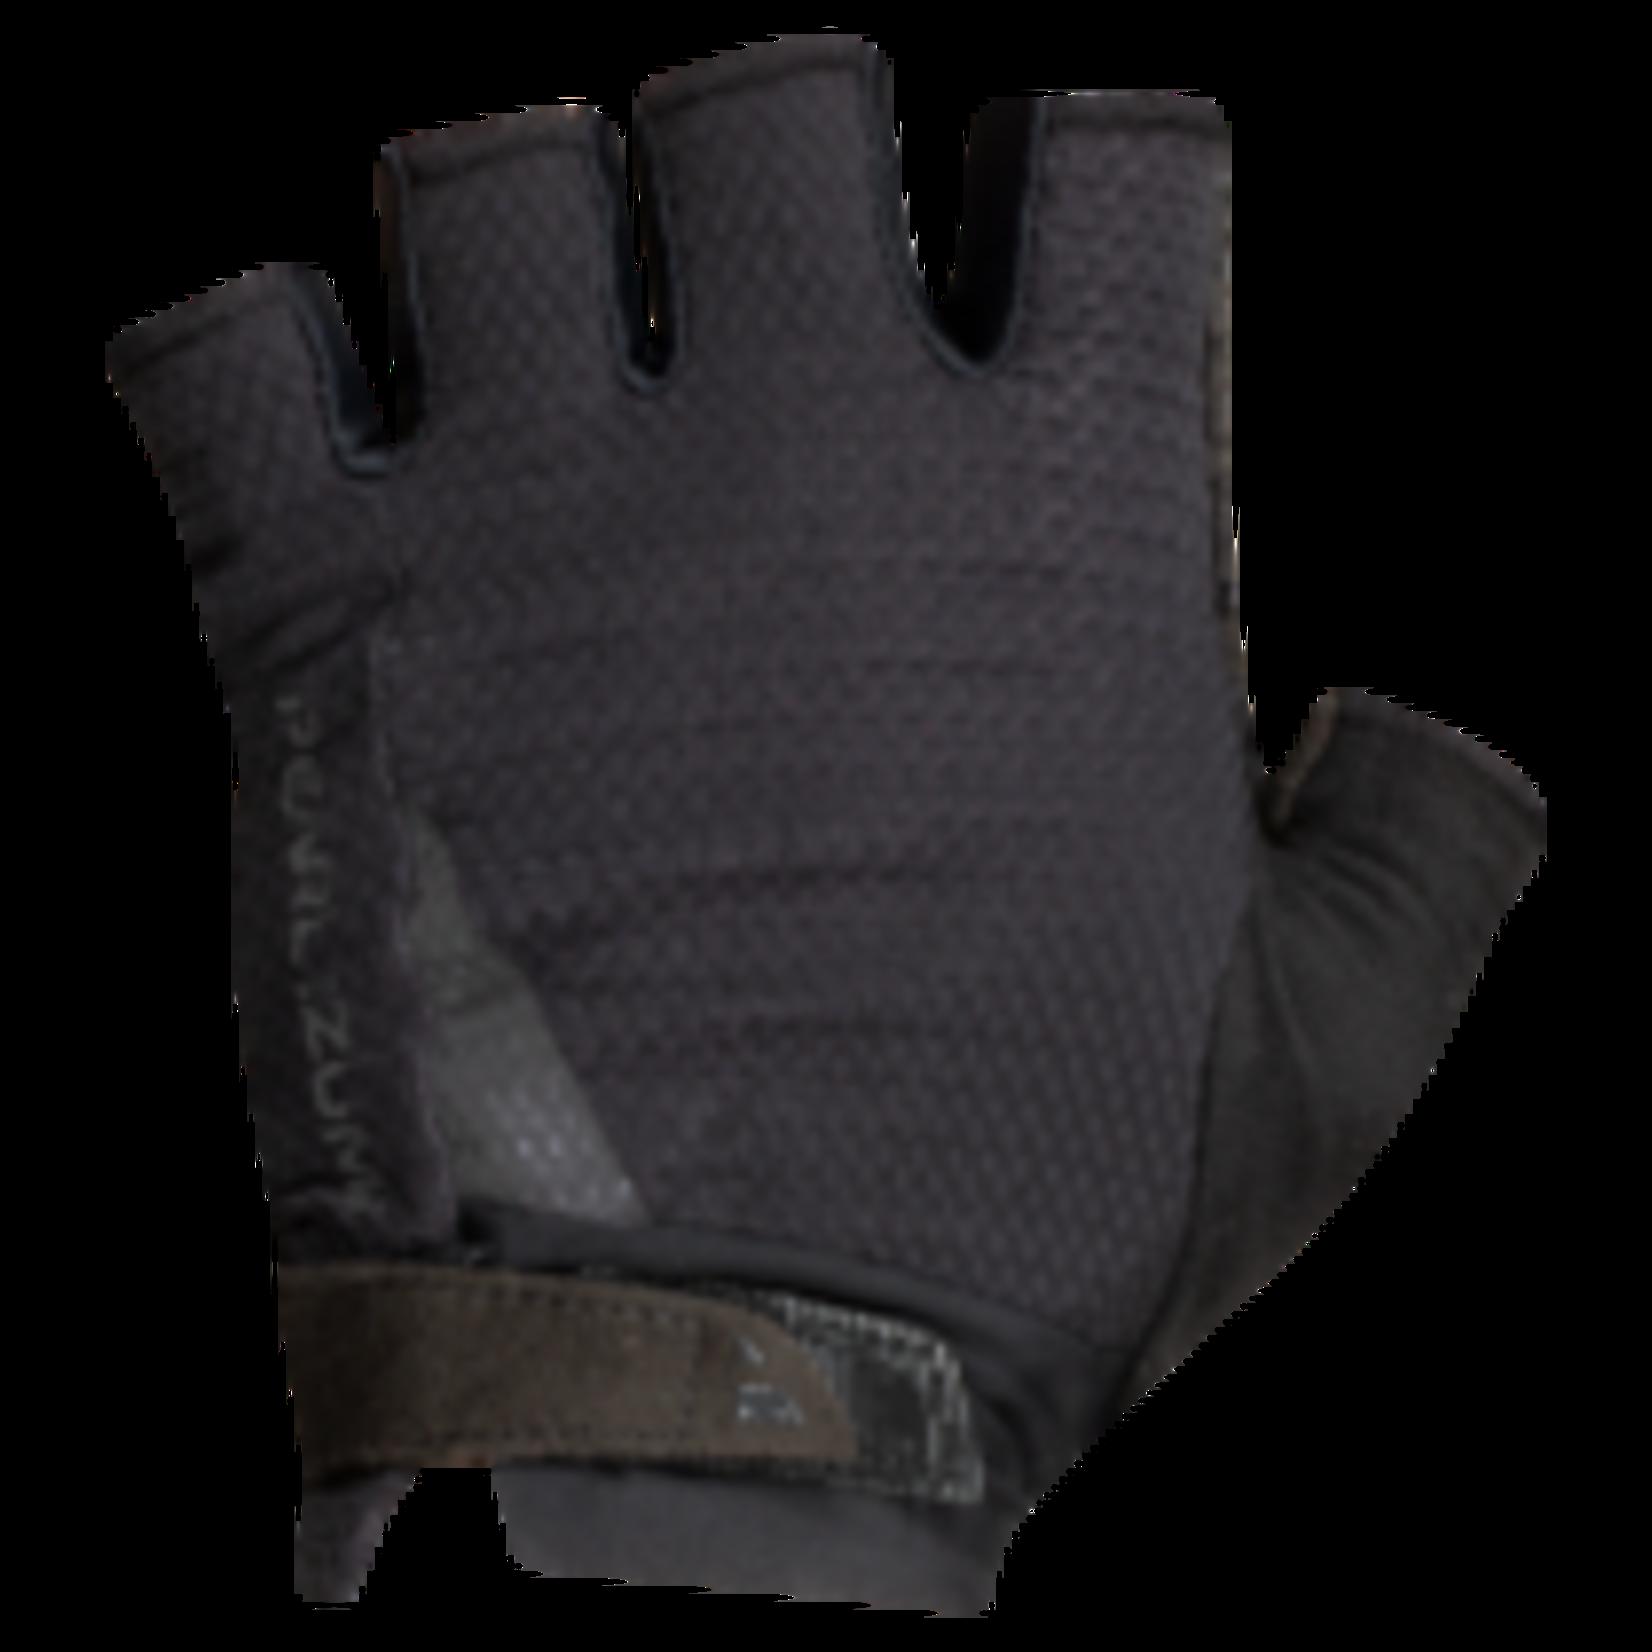 Pearl Izumi Pearl Izumi Wmn's Elite Gel Glove LG Black